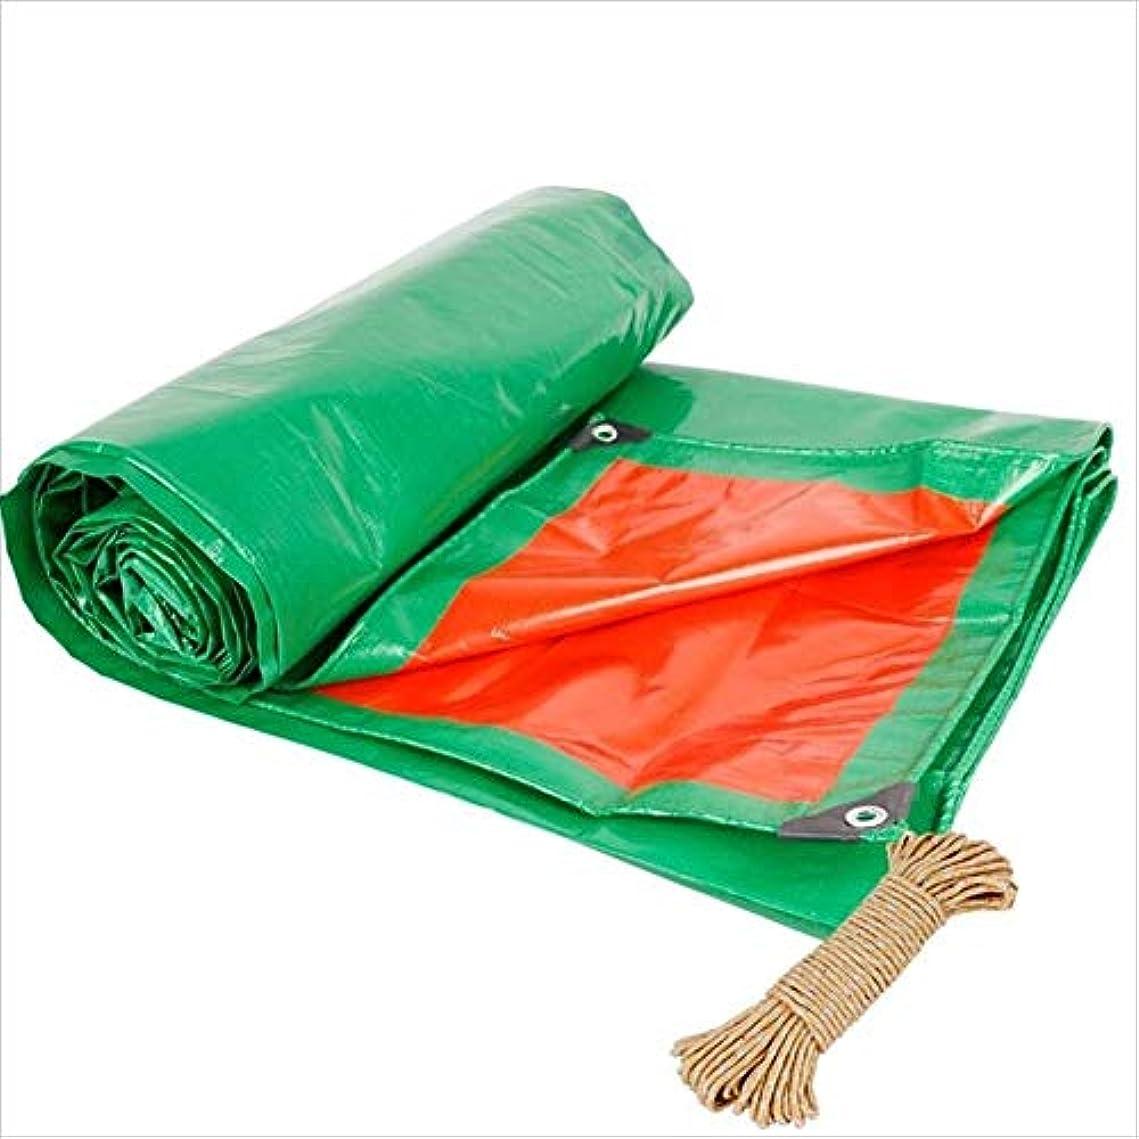 対称キャンペーンしょっぱい防水シート、日よけ防水多目的防水老化防止厚みの防水シート、190g /㎡、複数サイズ GAOFENG (色 : 緑, サイズ さいず : 4 x 6m)